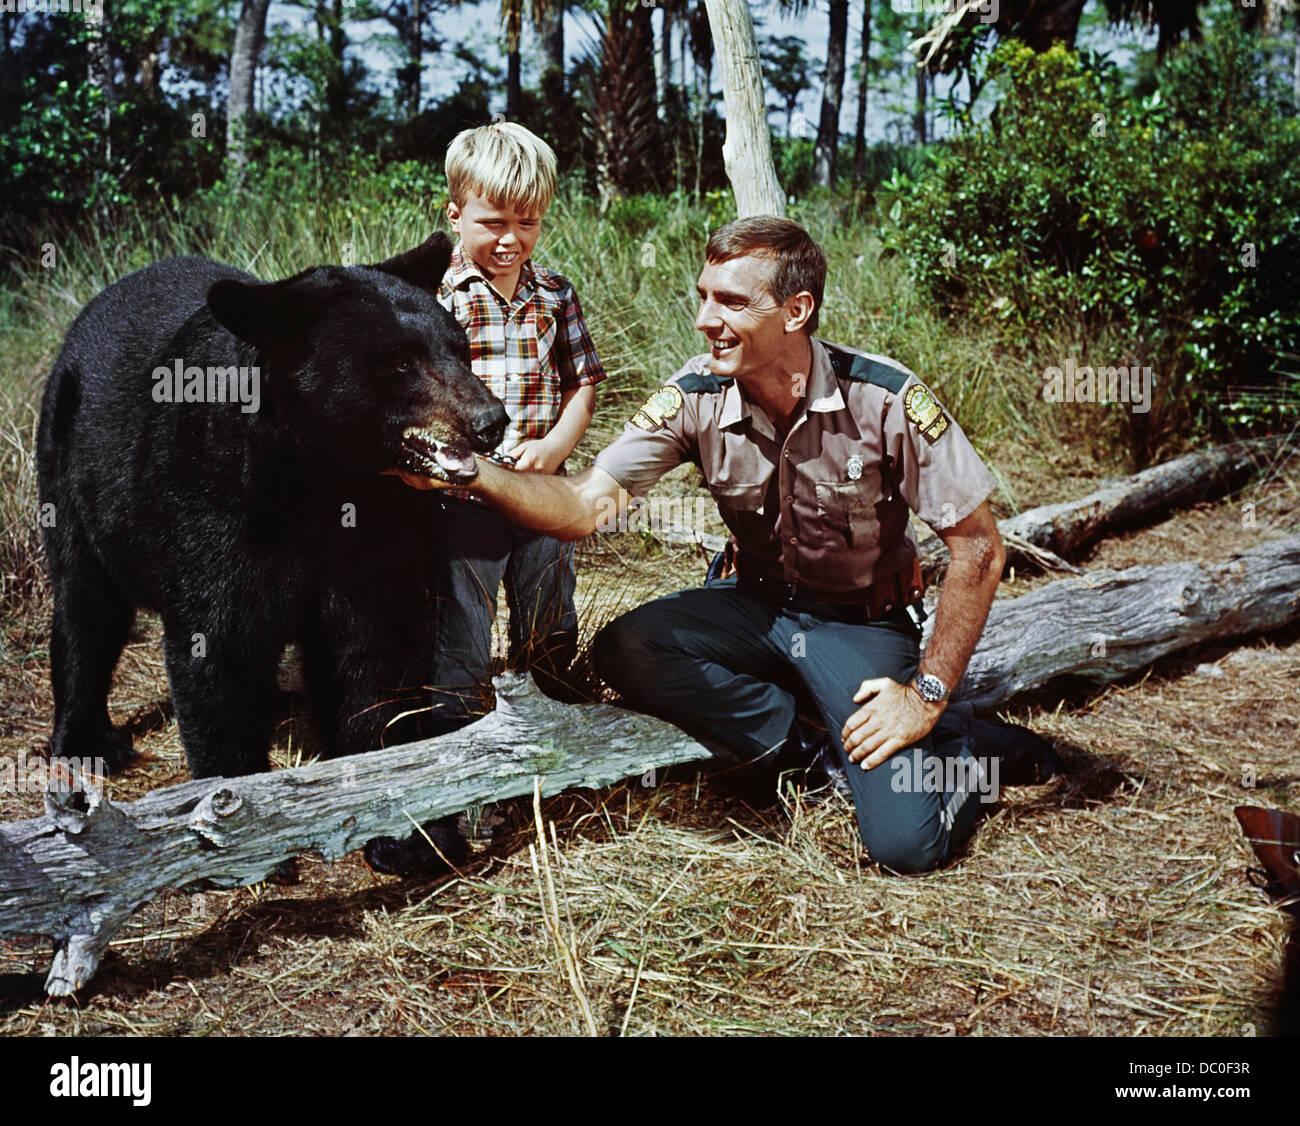 1967 GENTLE GIANT MOVIE BASED ON GENTLE BEN TV SERIES DENNIS WEAVER,GENTLE BEN, CLINT HOWARD - Stock Image